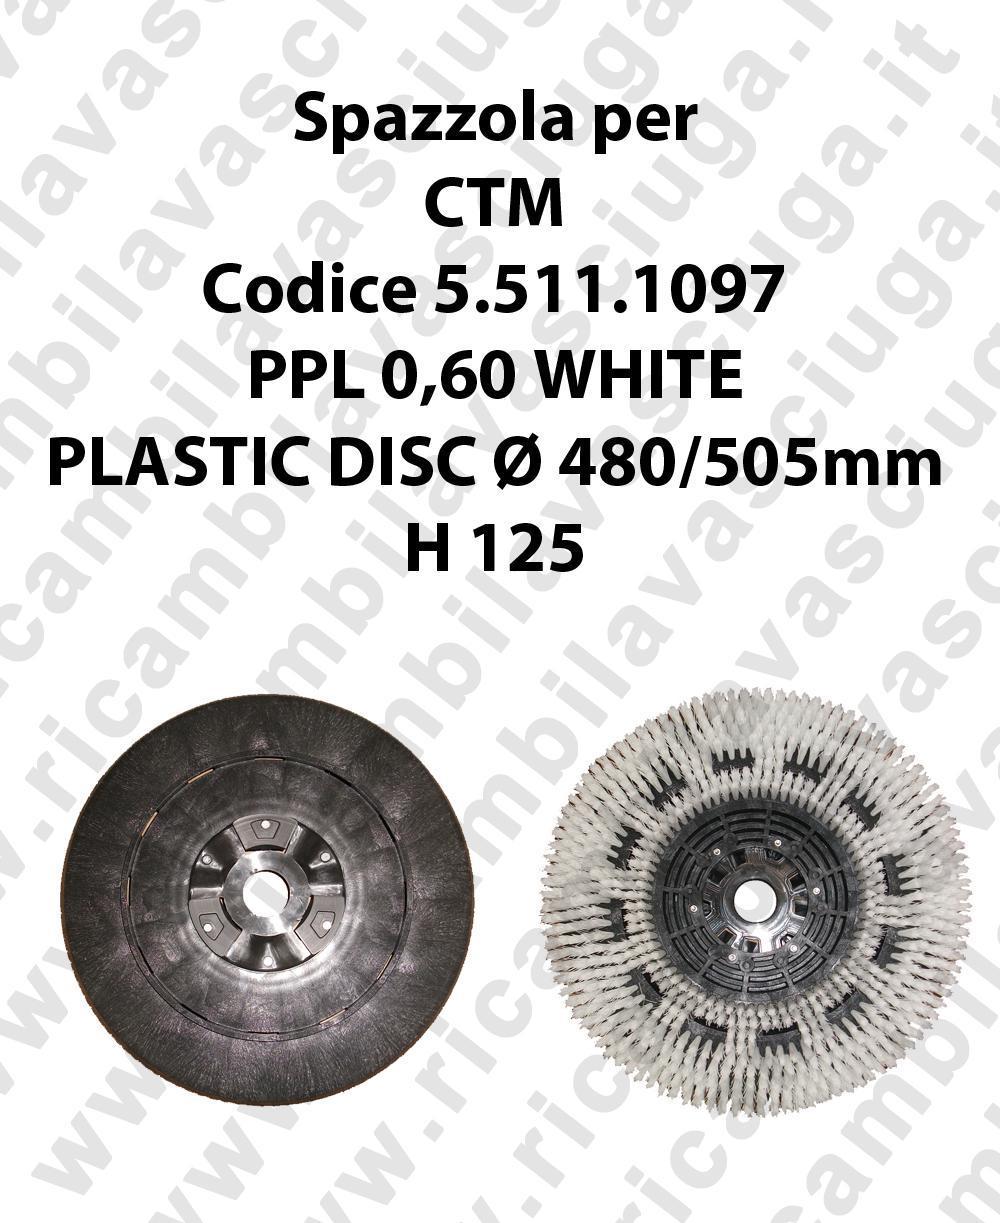 BROSSE A LAVER PPL 0,60 WHITE pour autolaveuses CTM code 5.511.1097